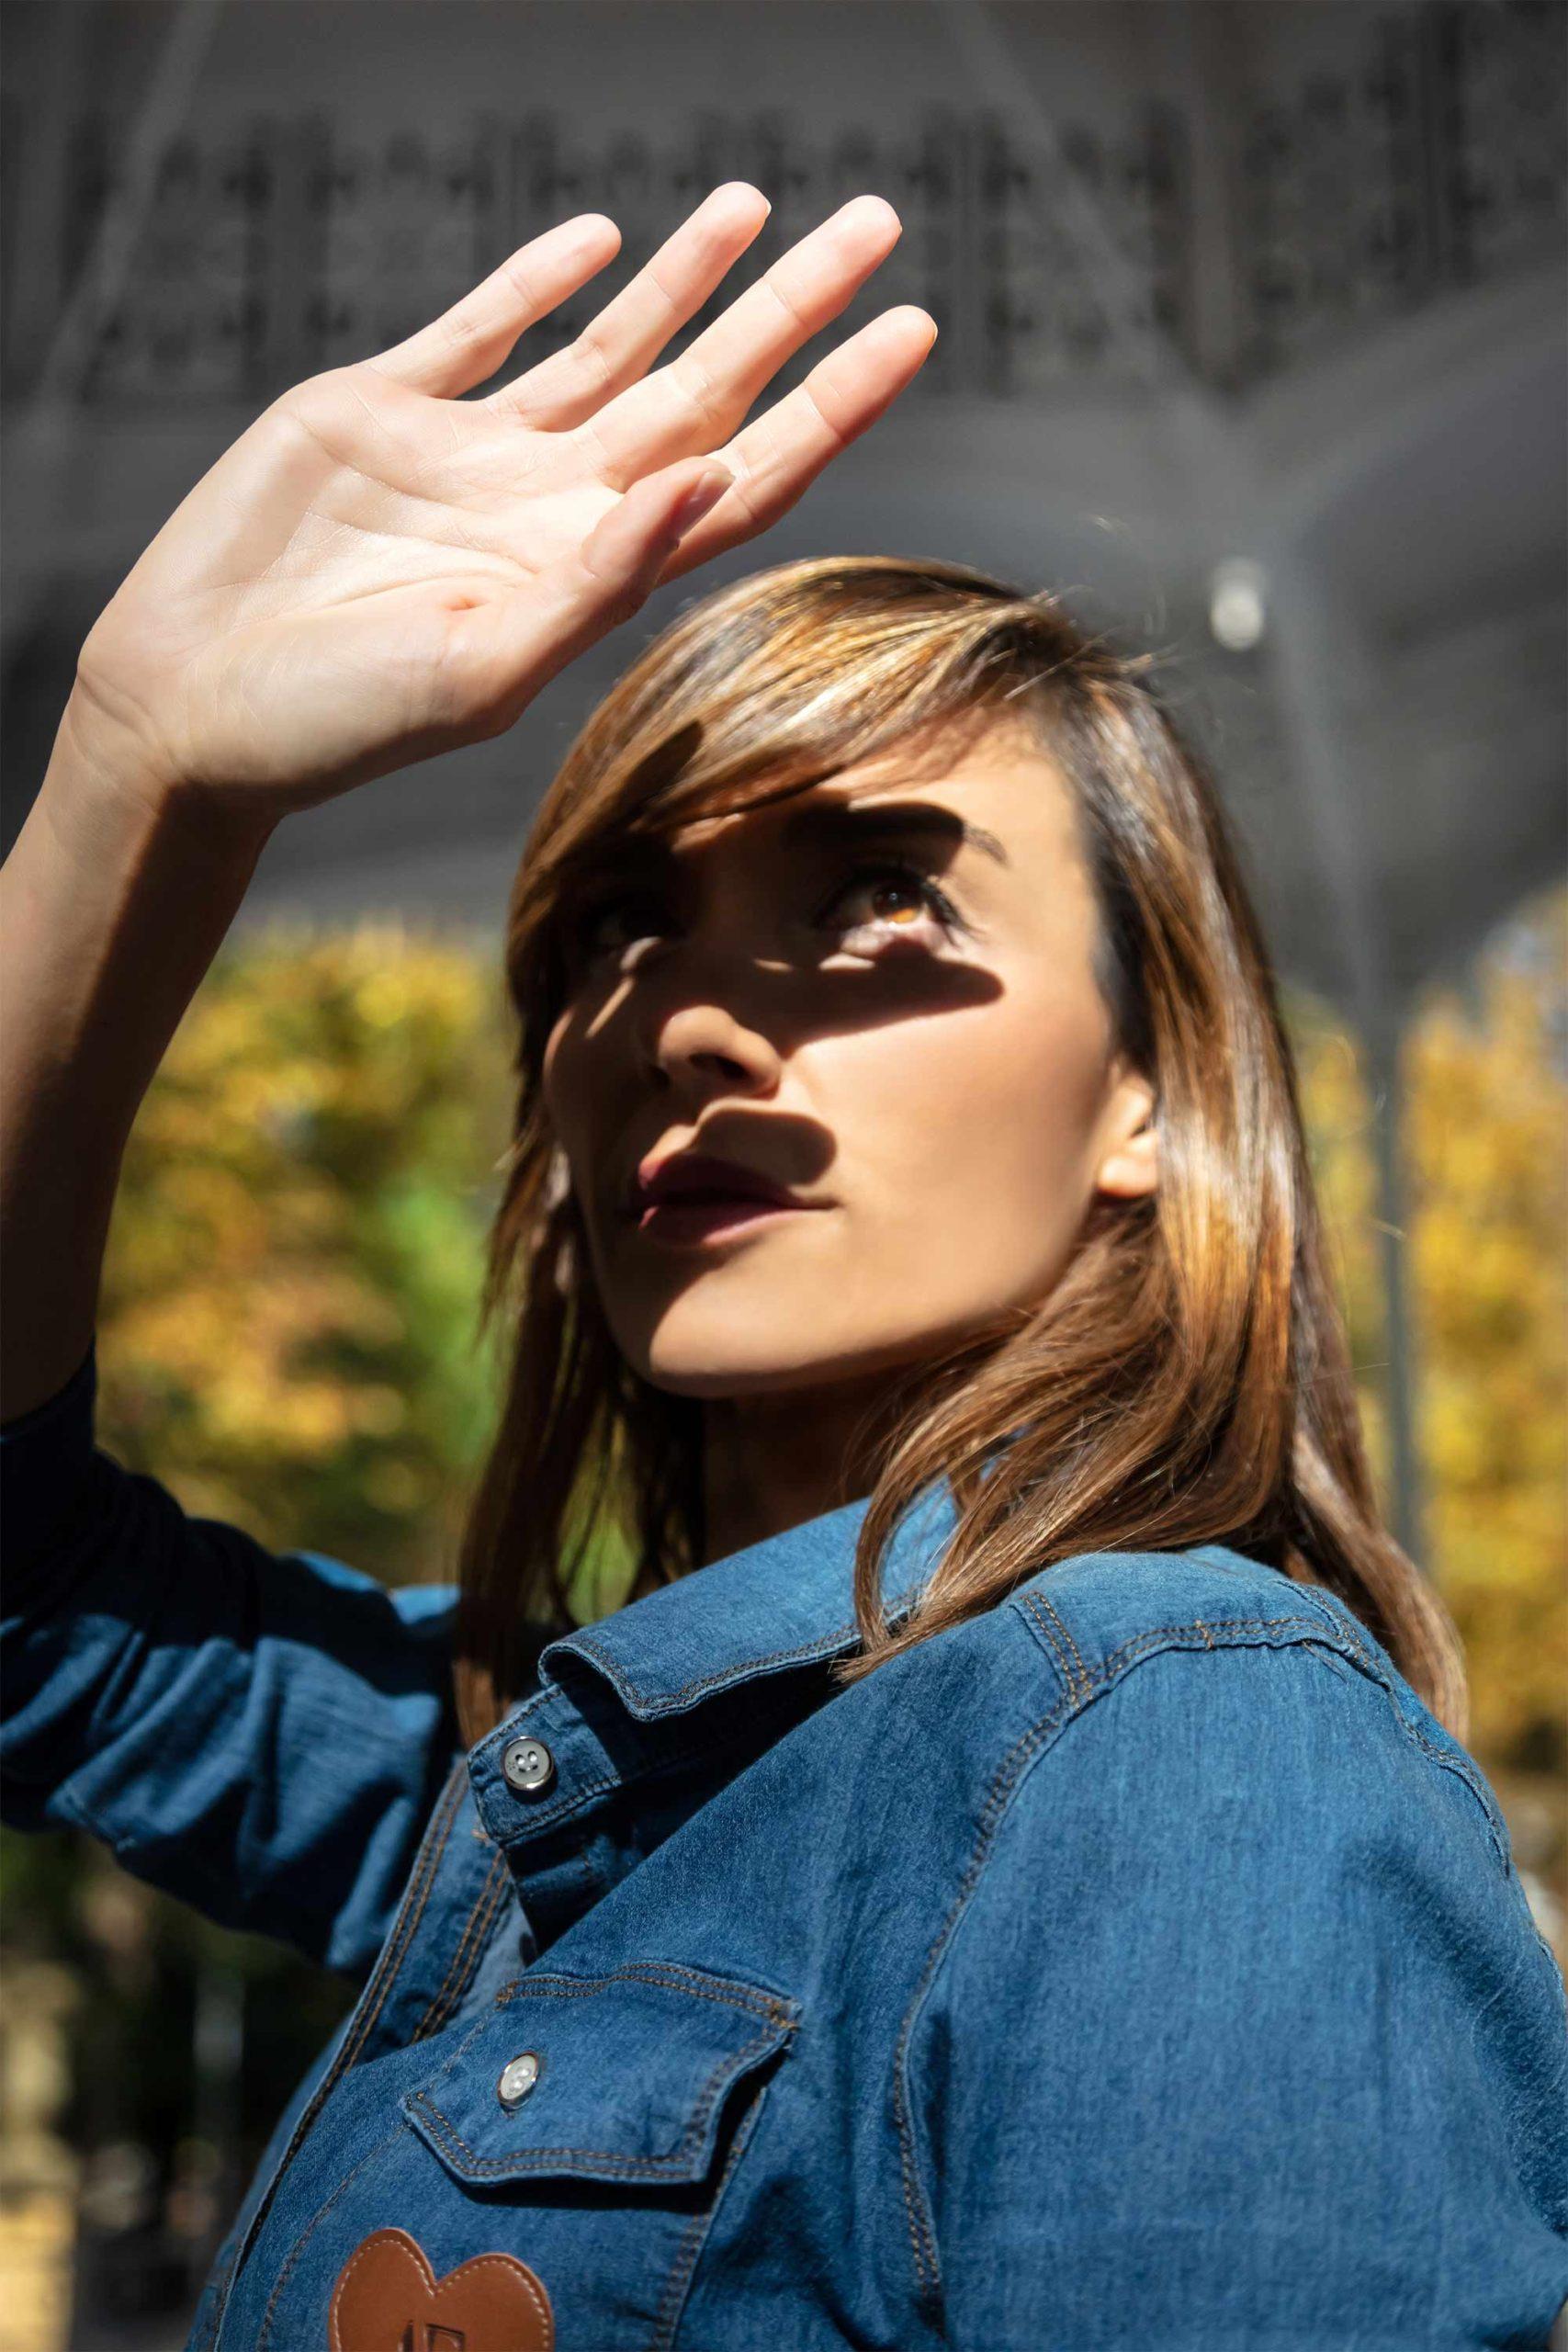 jugar con luces y sombras en la micropigmentacion ainara eguia cejas ojos labios capilar areolas cicatrices bilbao vitoria lekeitio madrid